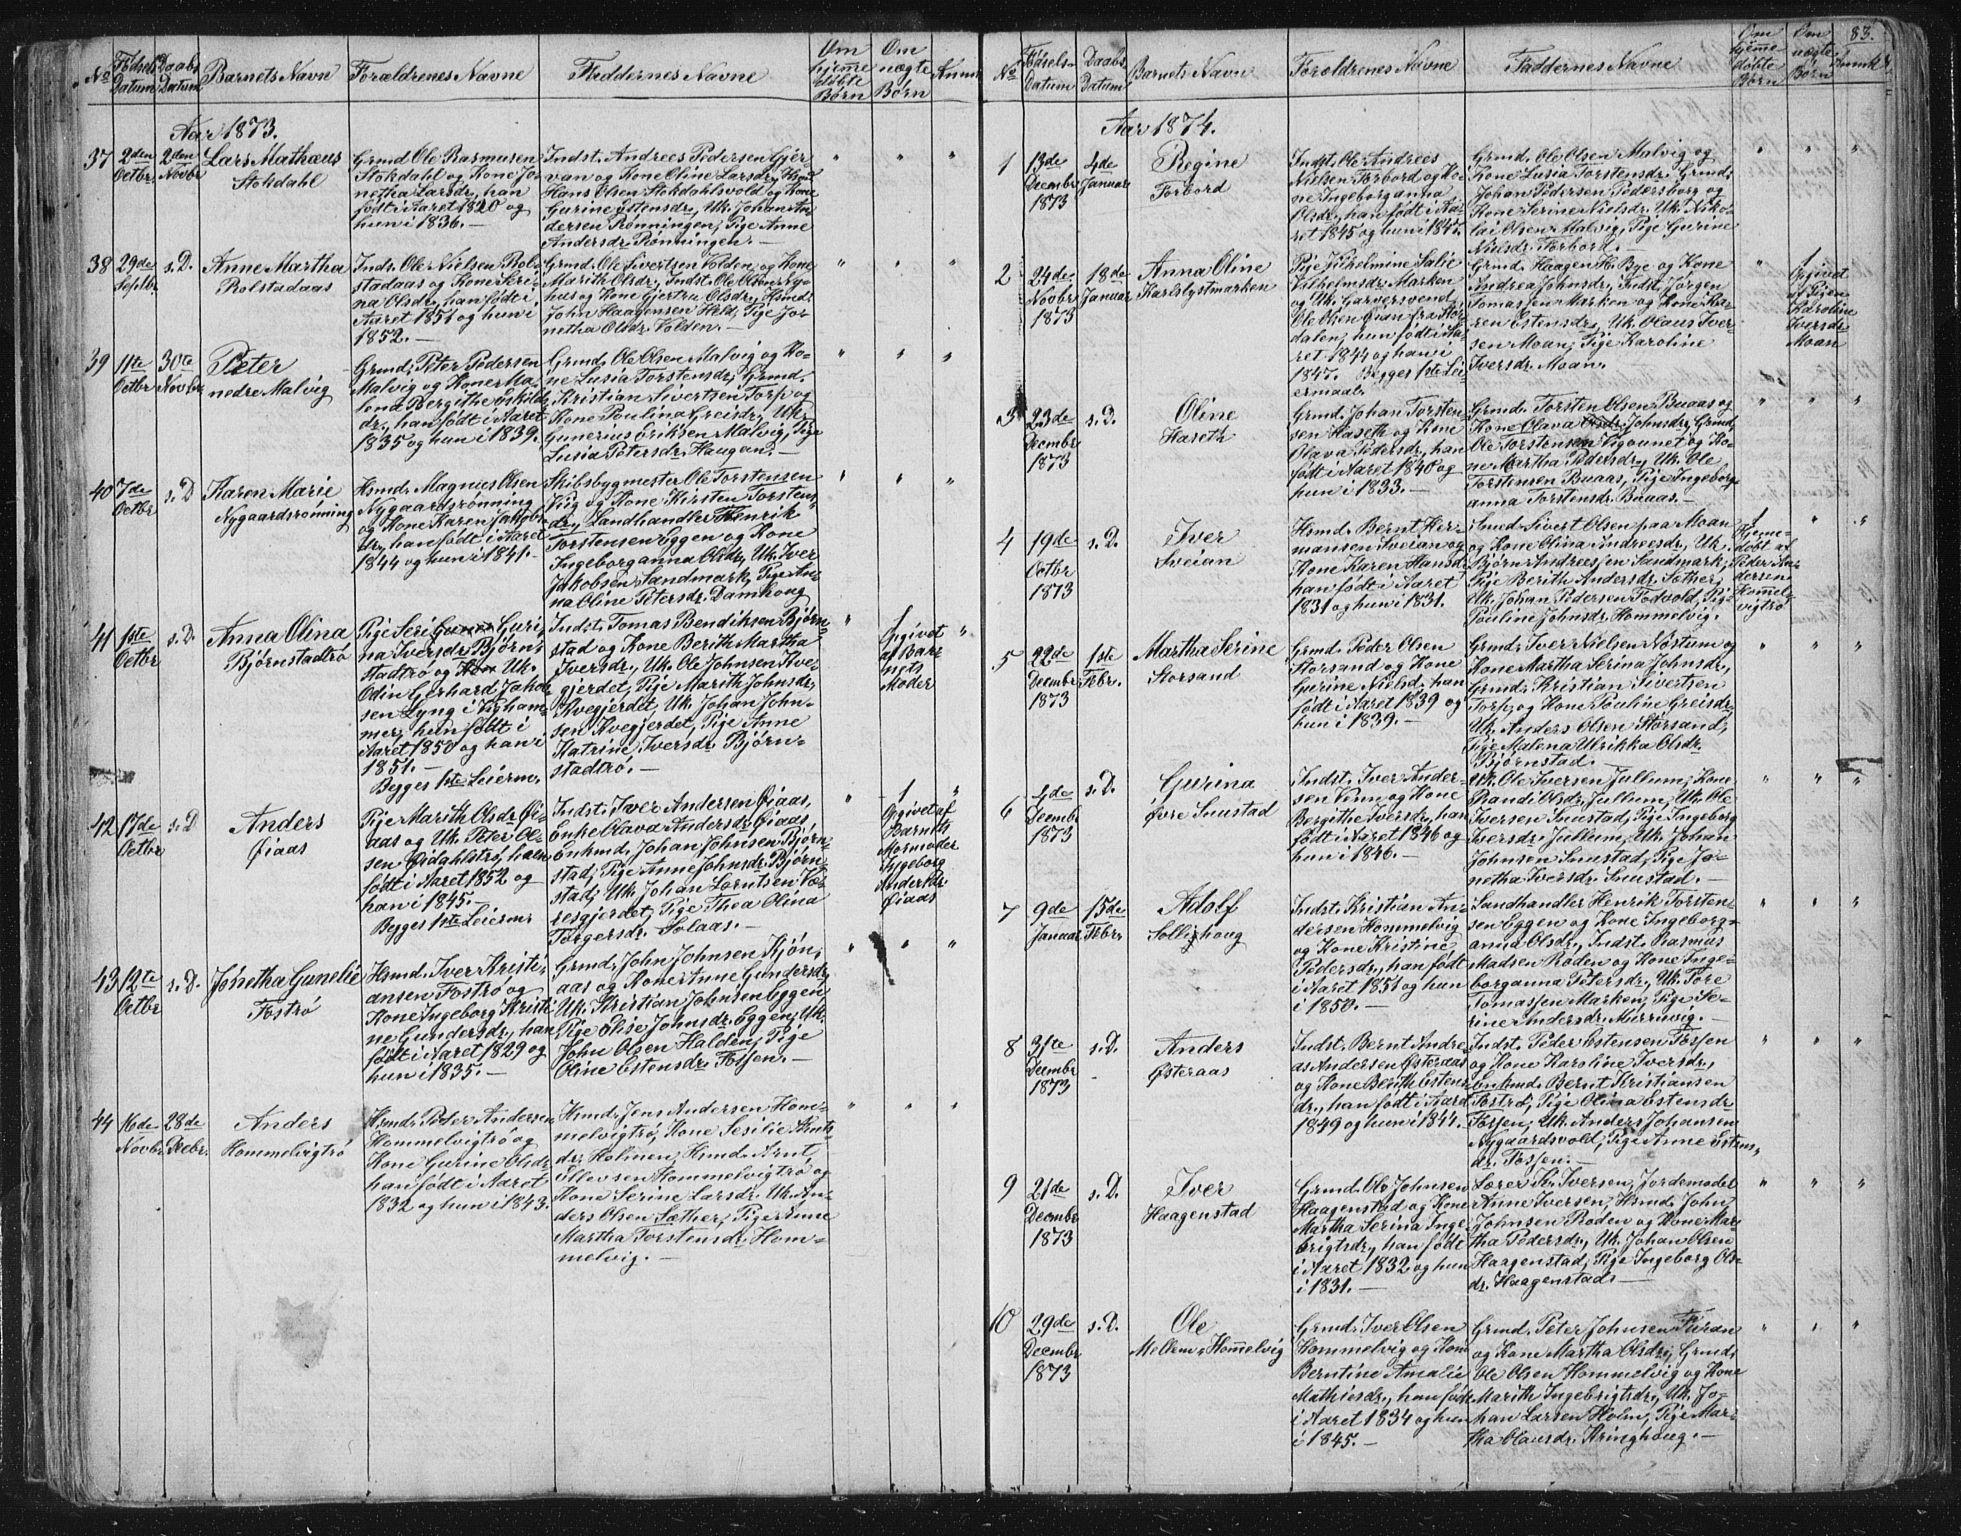 SAT, Ministerialprotokoller, klokkerbøker og fødselsregistre - Sør-Trøndelag, 616/L0406: Ministerialbok nr. 616A03, 1843-1879, s. 83